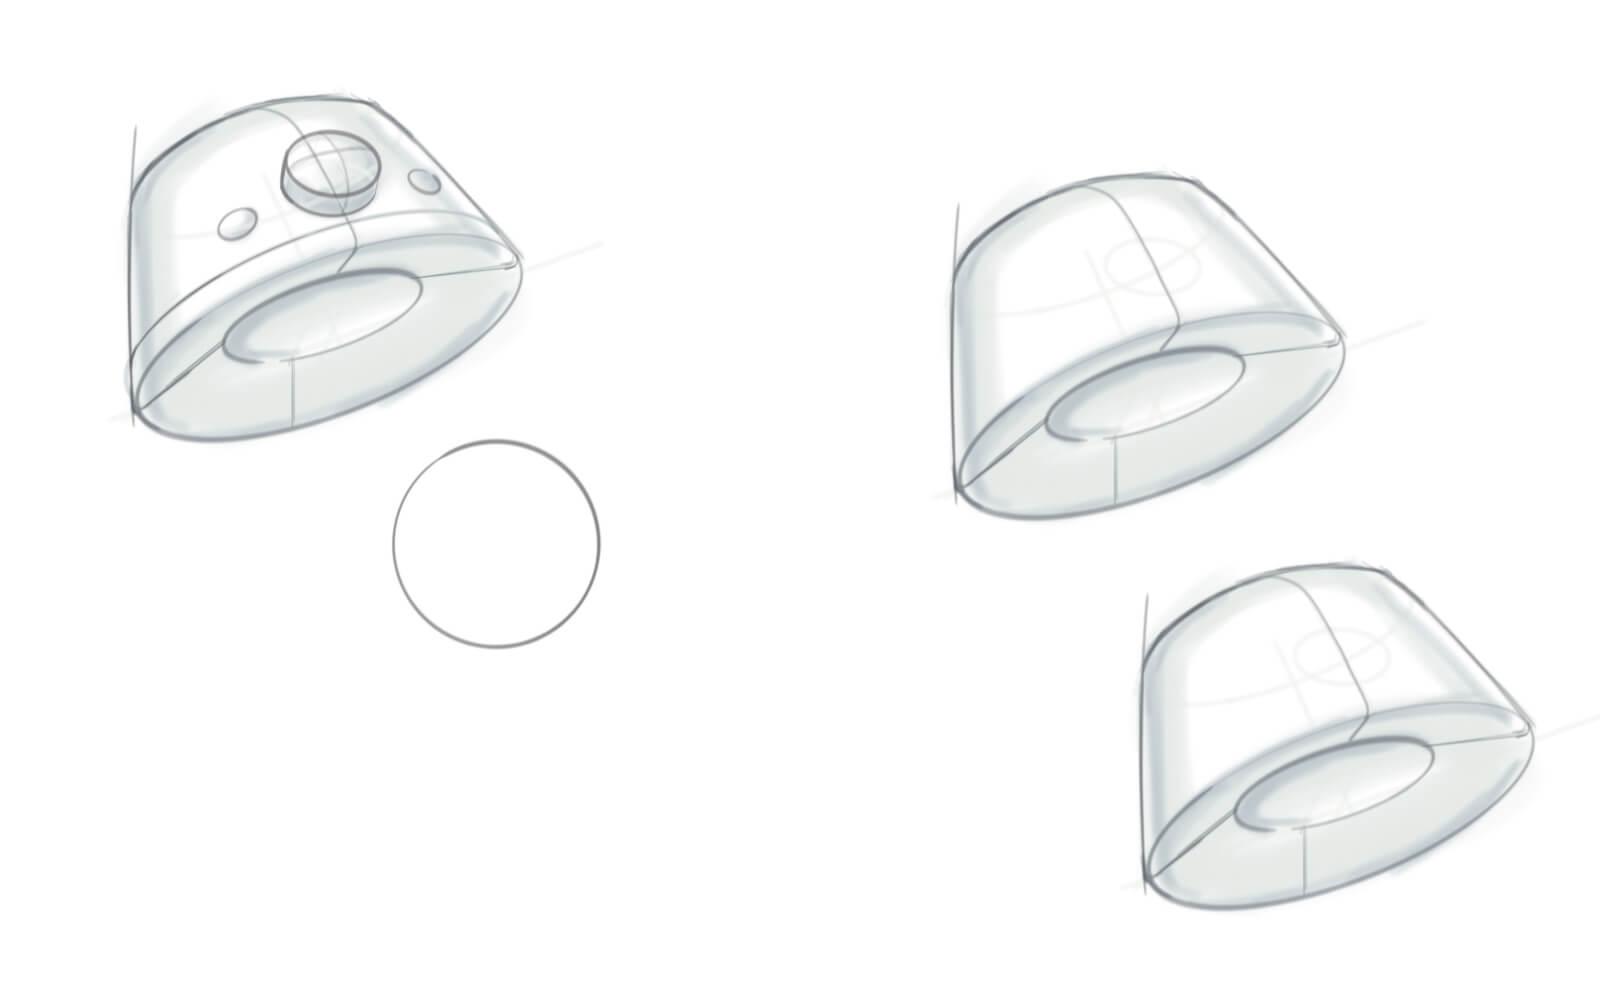 Szkice obudowy i przycisków Mudita Bell